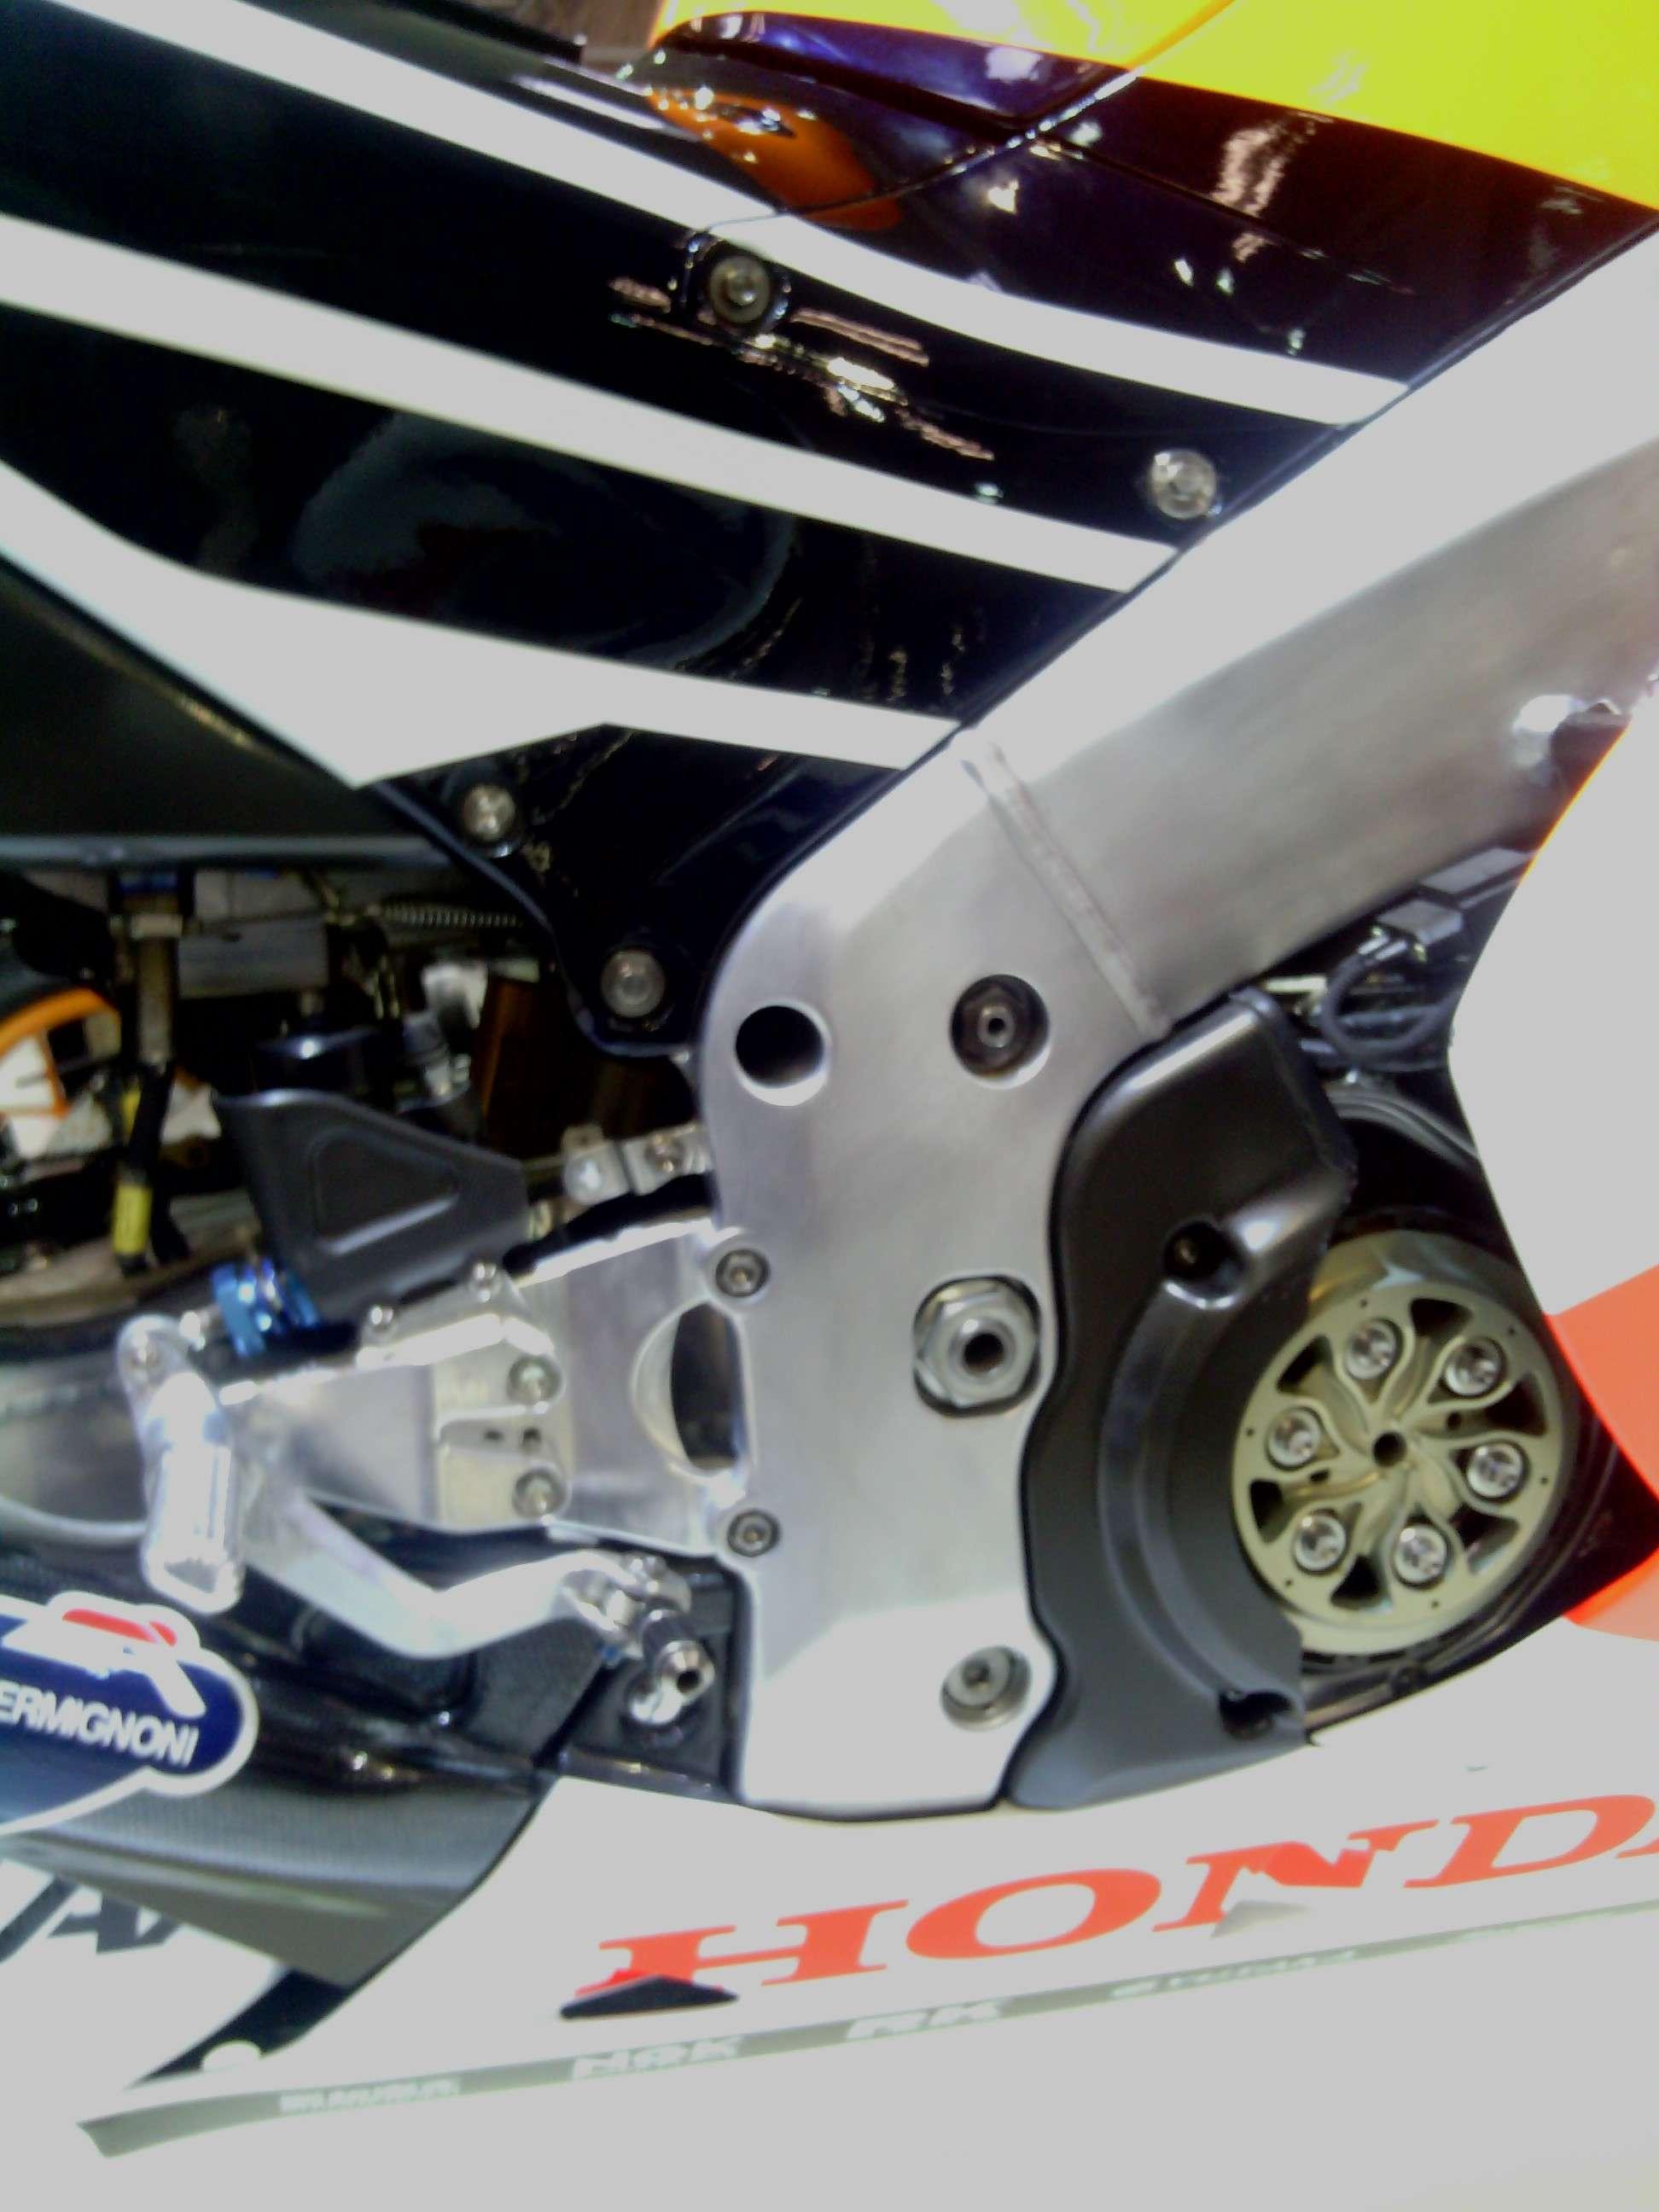 Έκθεση μοτοσυκλέτας 2015 στην Μπρατισλάβα Img_2028